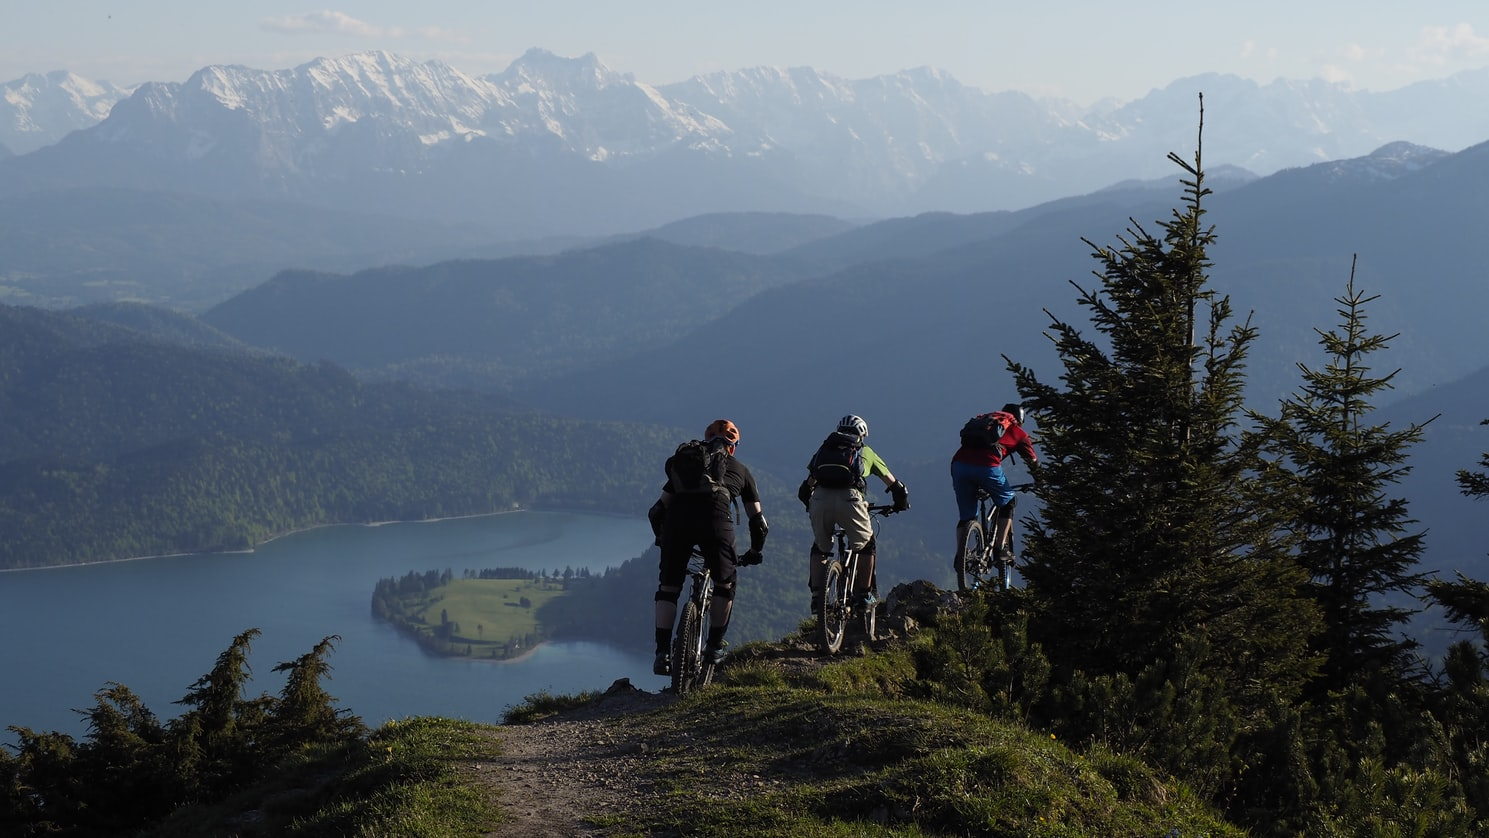 Jezdci v terénu na horském kole